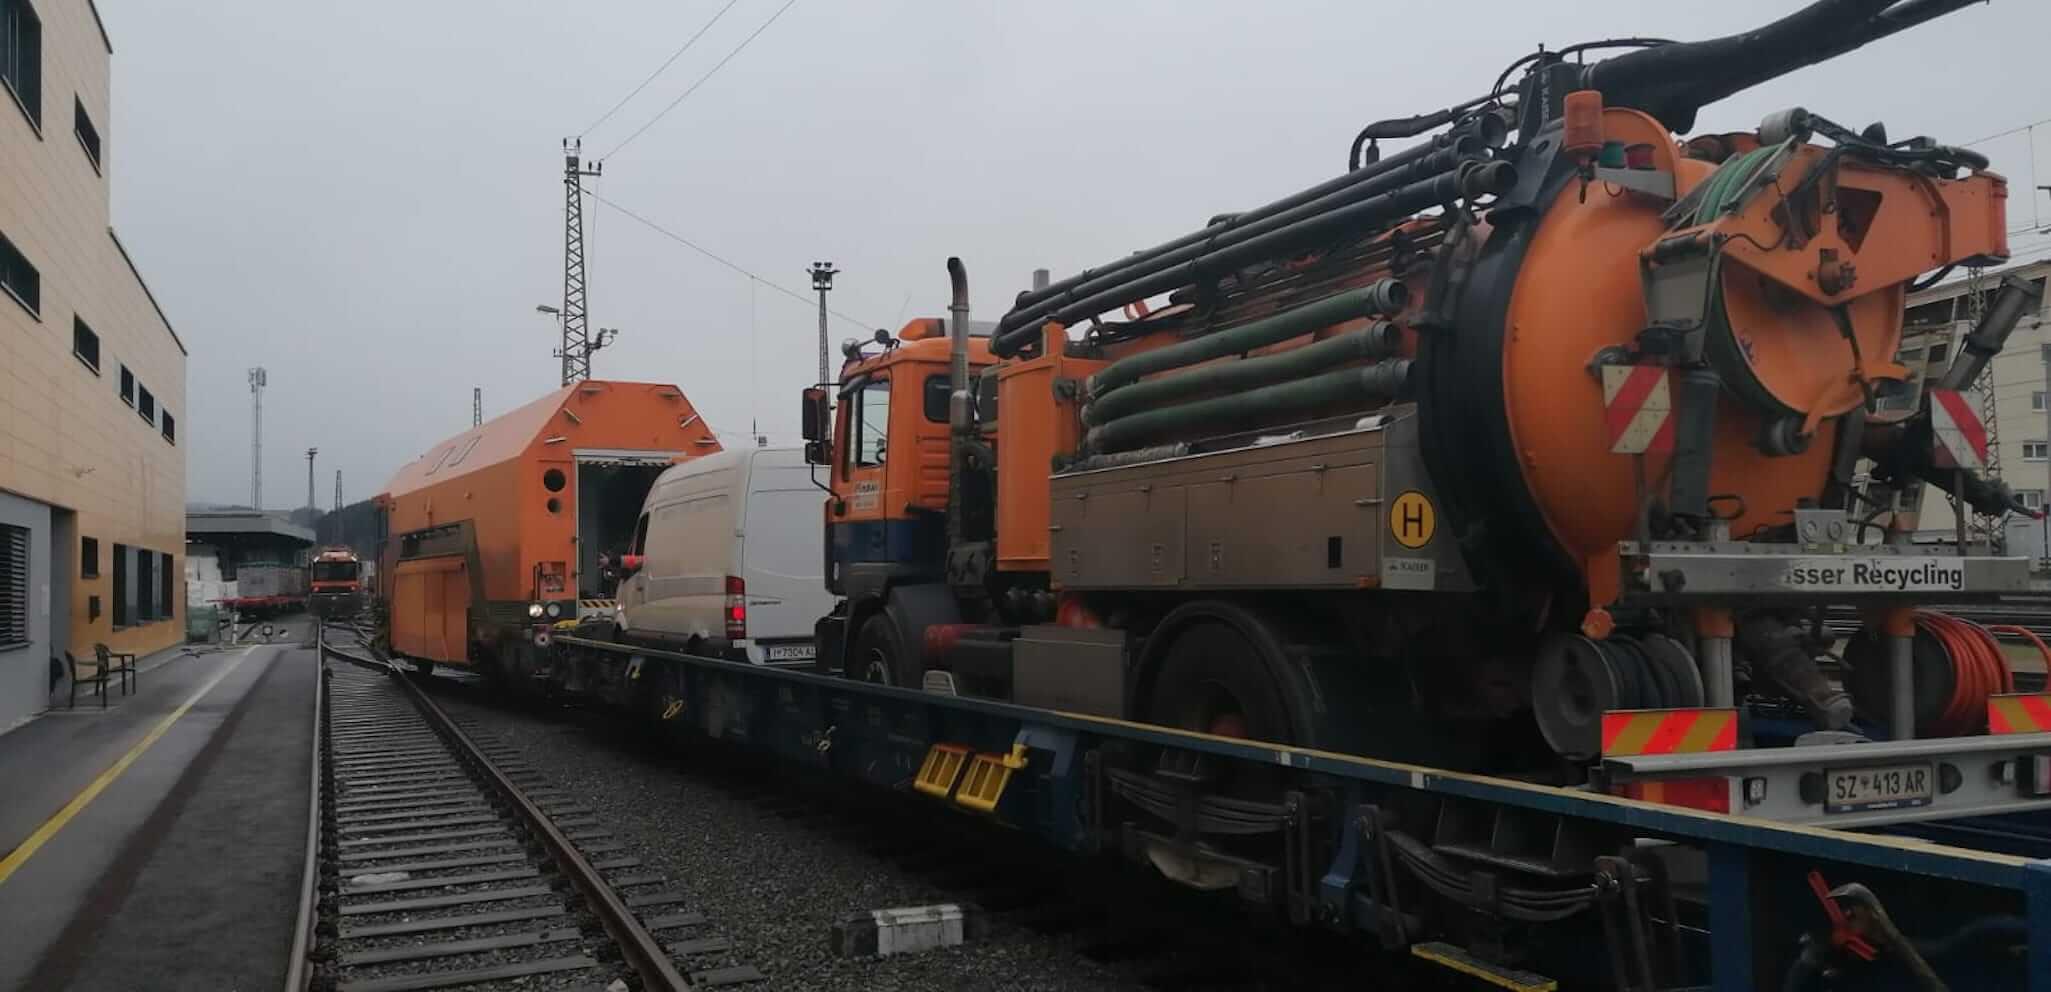 DAWI Spülfahrzeug wird über Schiene in den Eisenbahntunnel transportiert